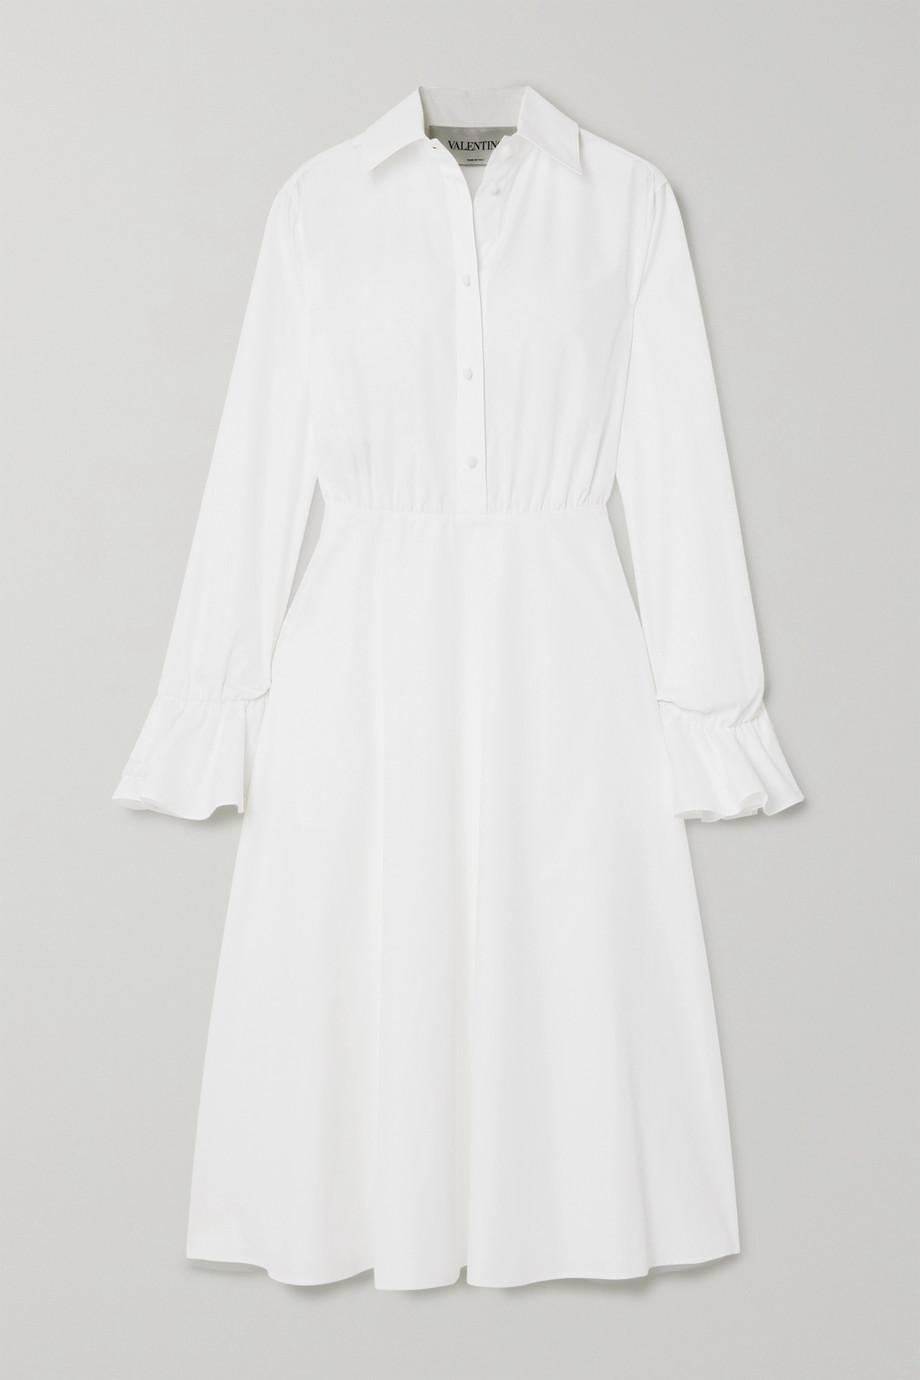 Valentino 棉质混纺府绸中长连衣裙